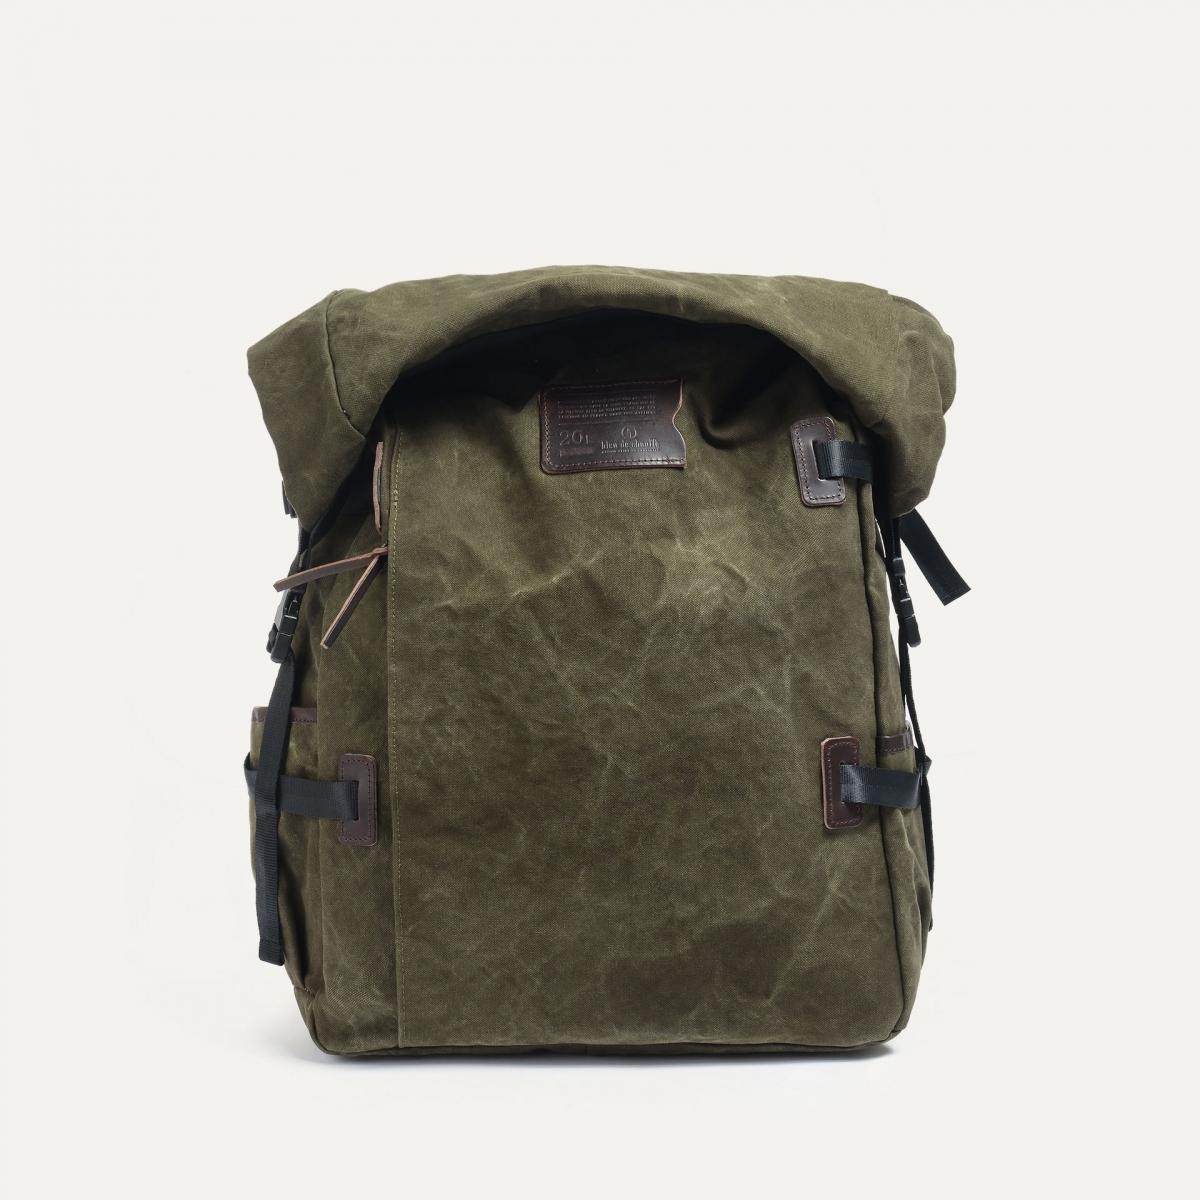 20L Basile Backpack - Dark khaki stonewashed (image n°1)